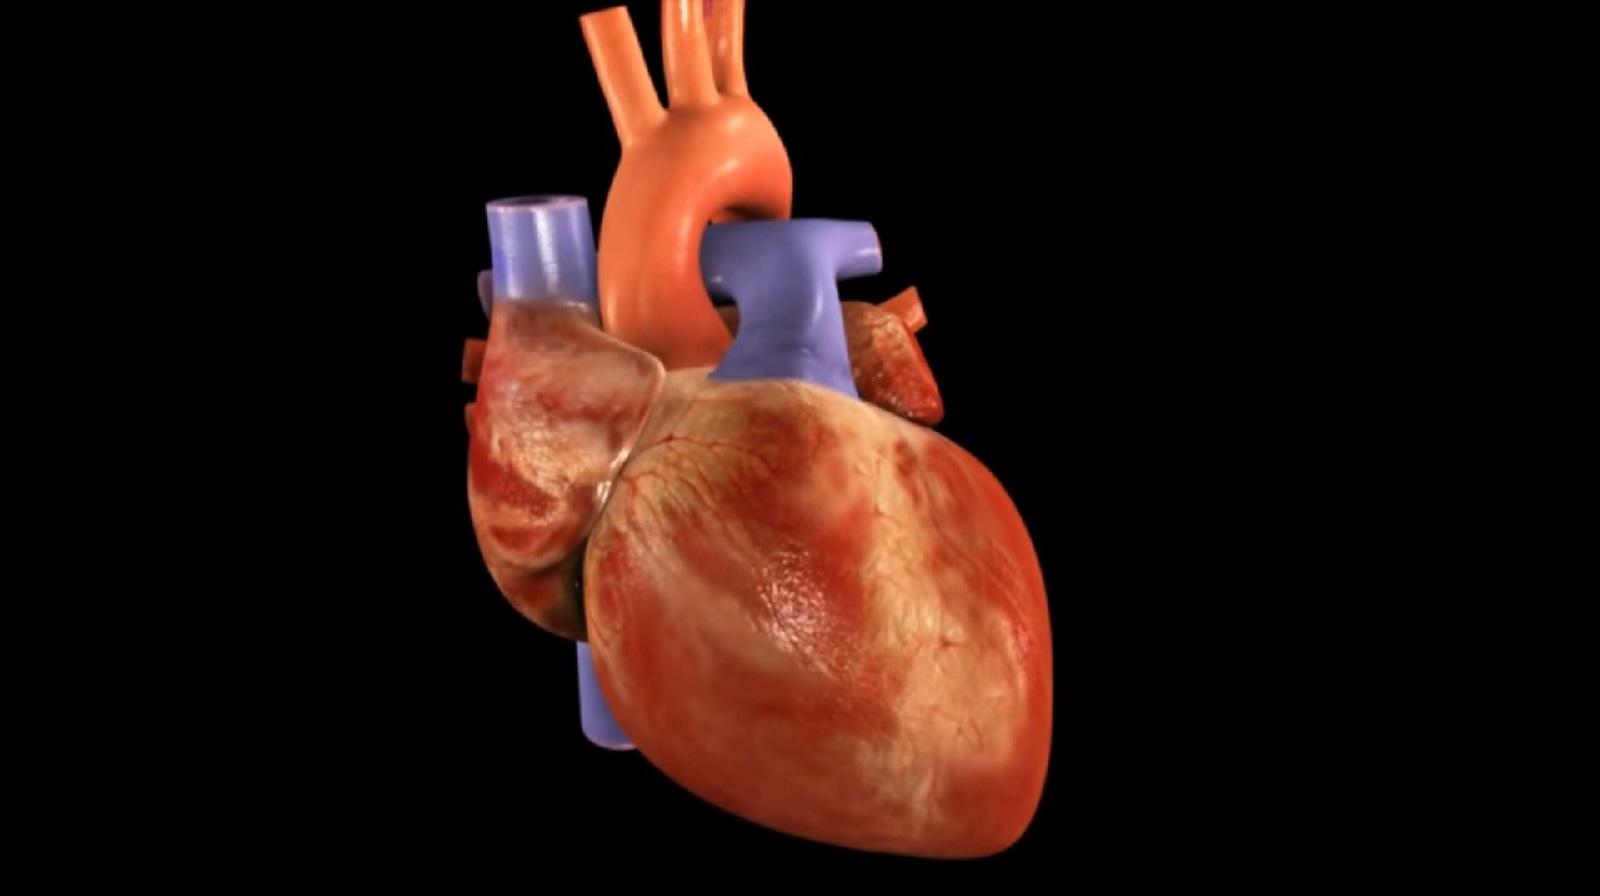 Por qué el corazón está en la parte izquierda de nuestro cuerpo?